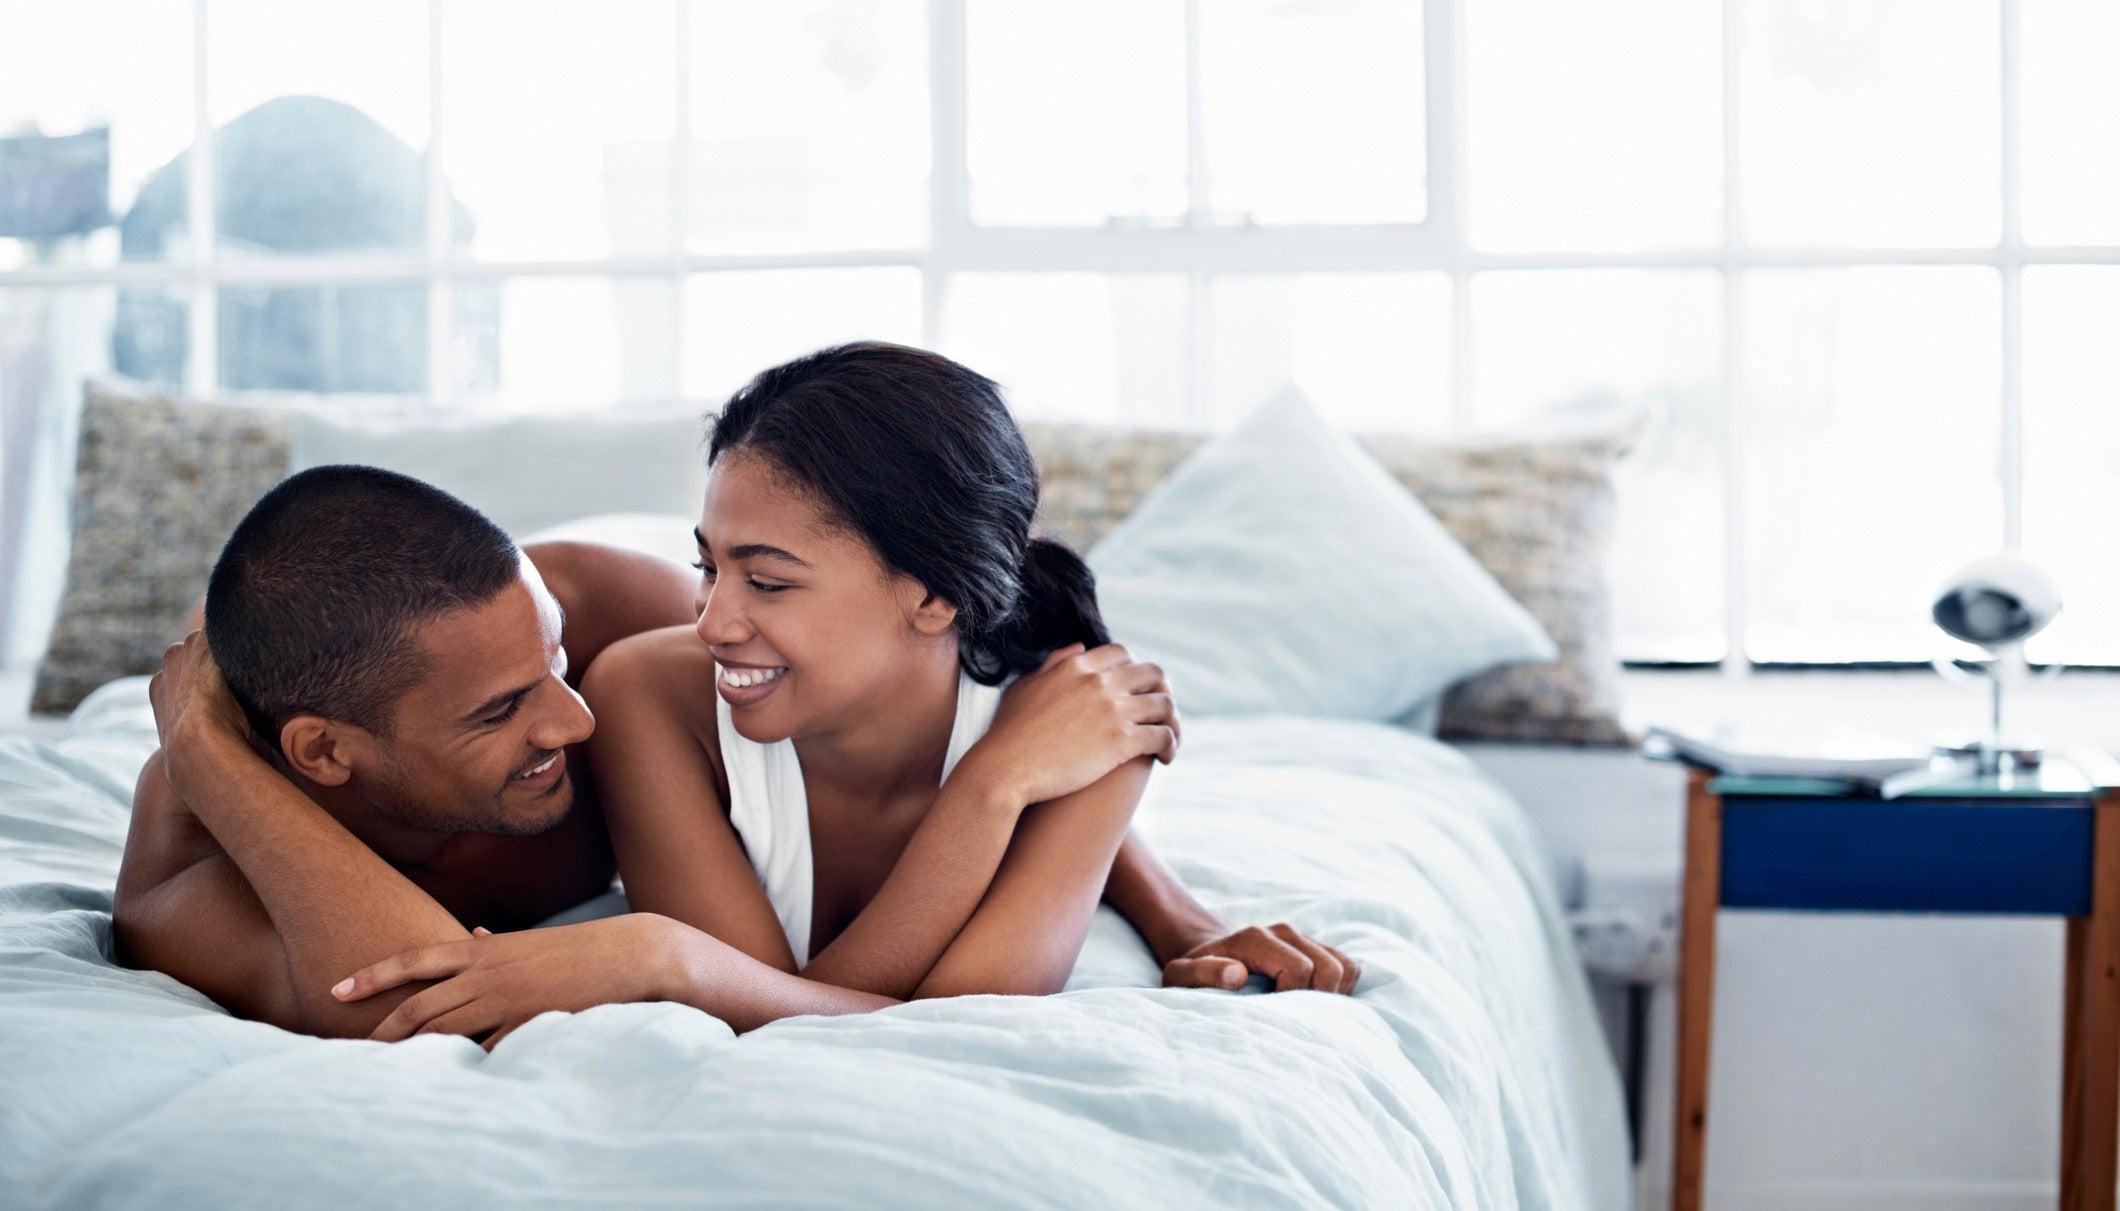 Разочарование в сексуальном партнере невозможно скрыть